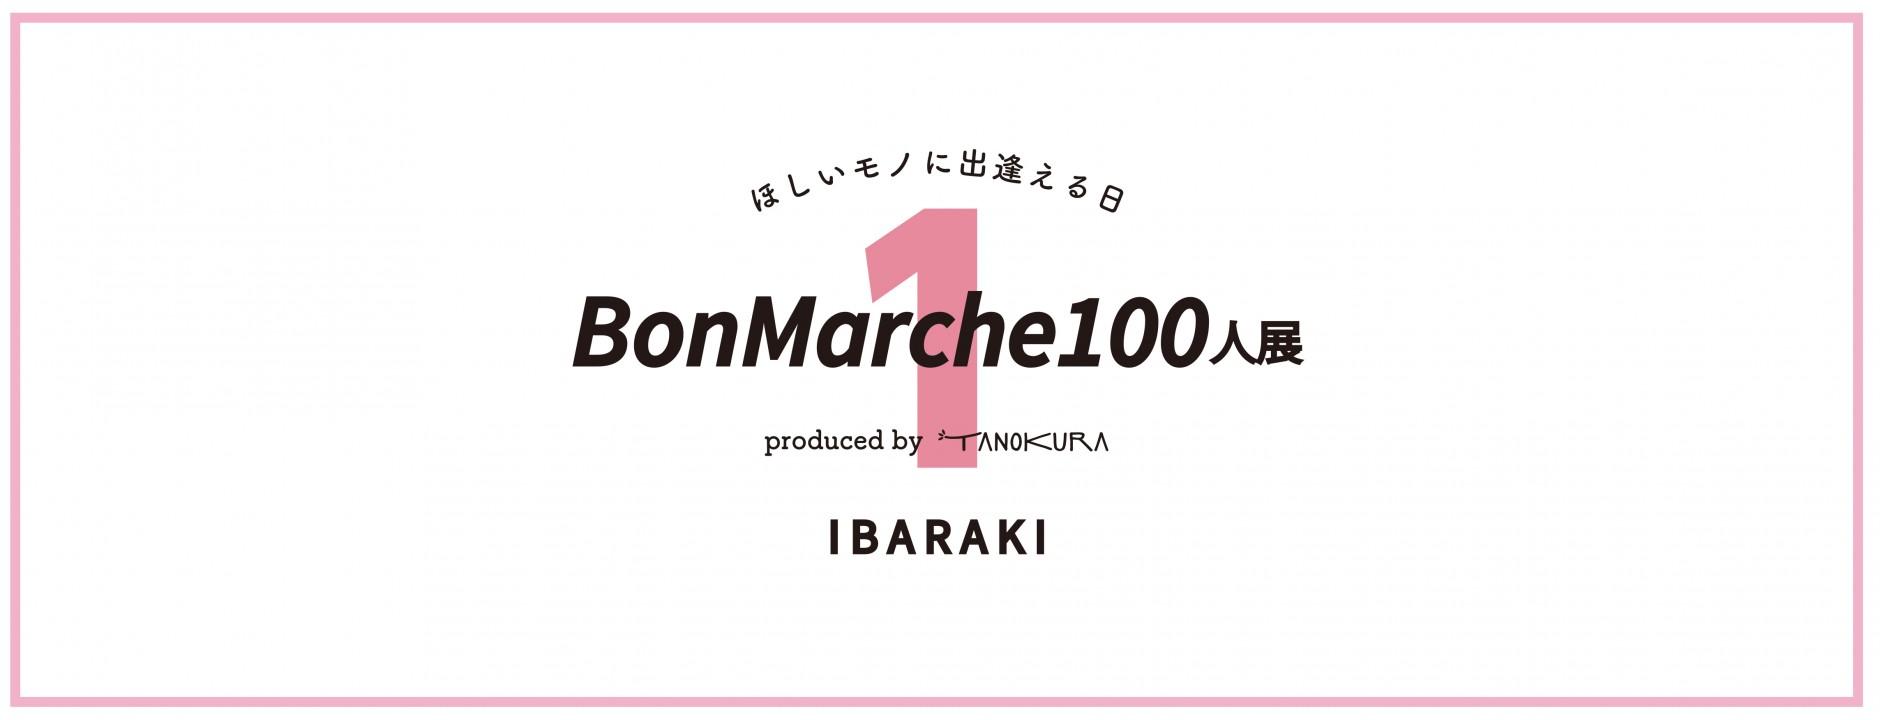 【BonMarche100人展 in 茨城 vol.1 出展者専用ページ】